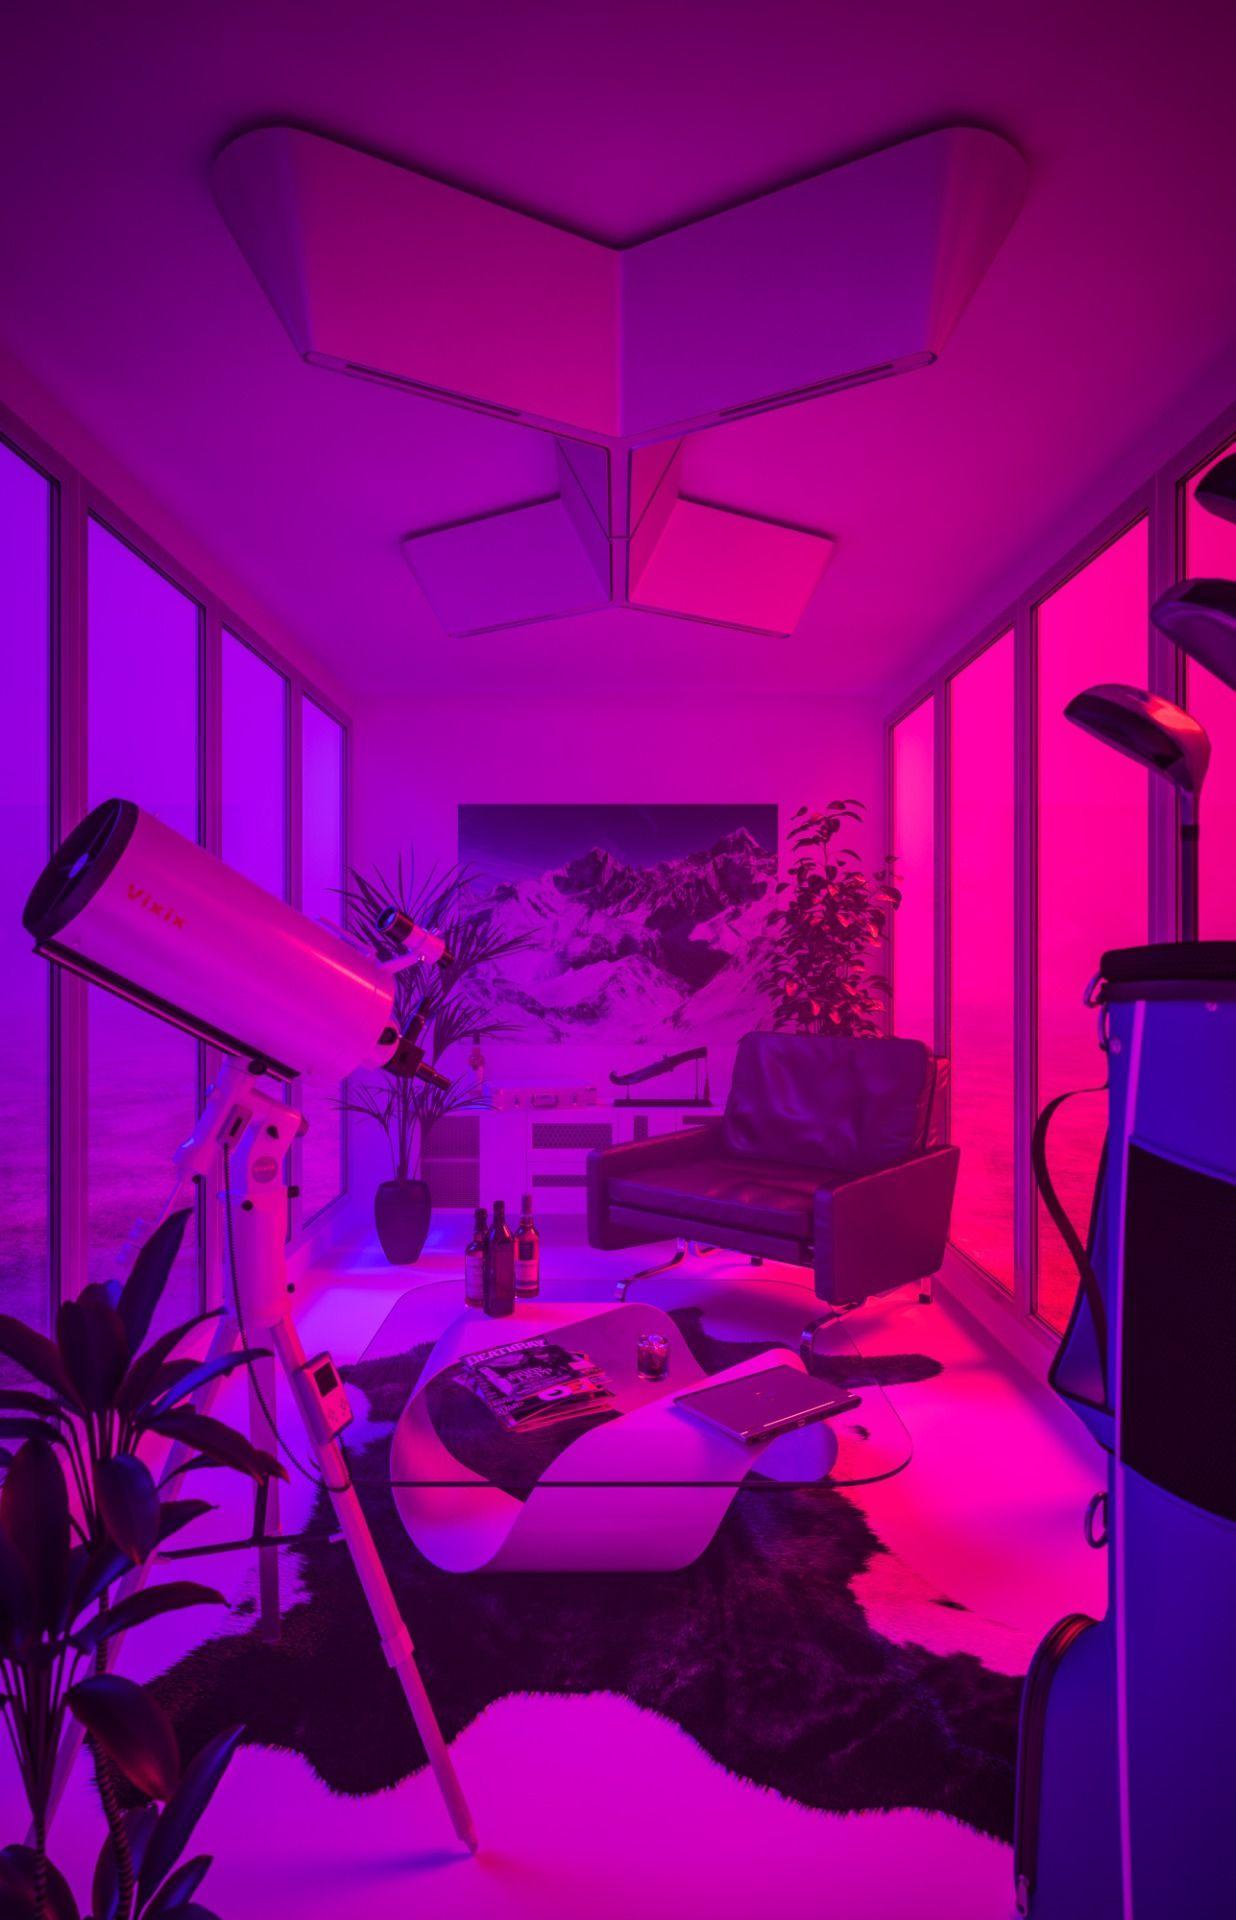 Pin von Katie Jean Bentley auf Color Magic: Pink   Pinterest